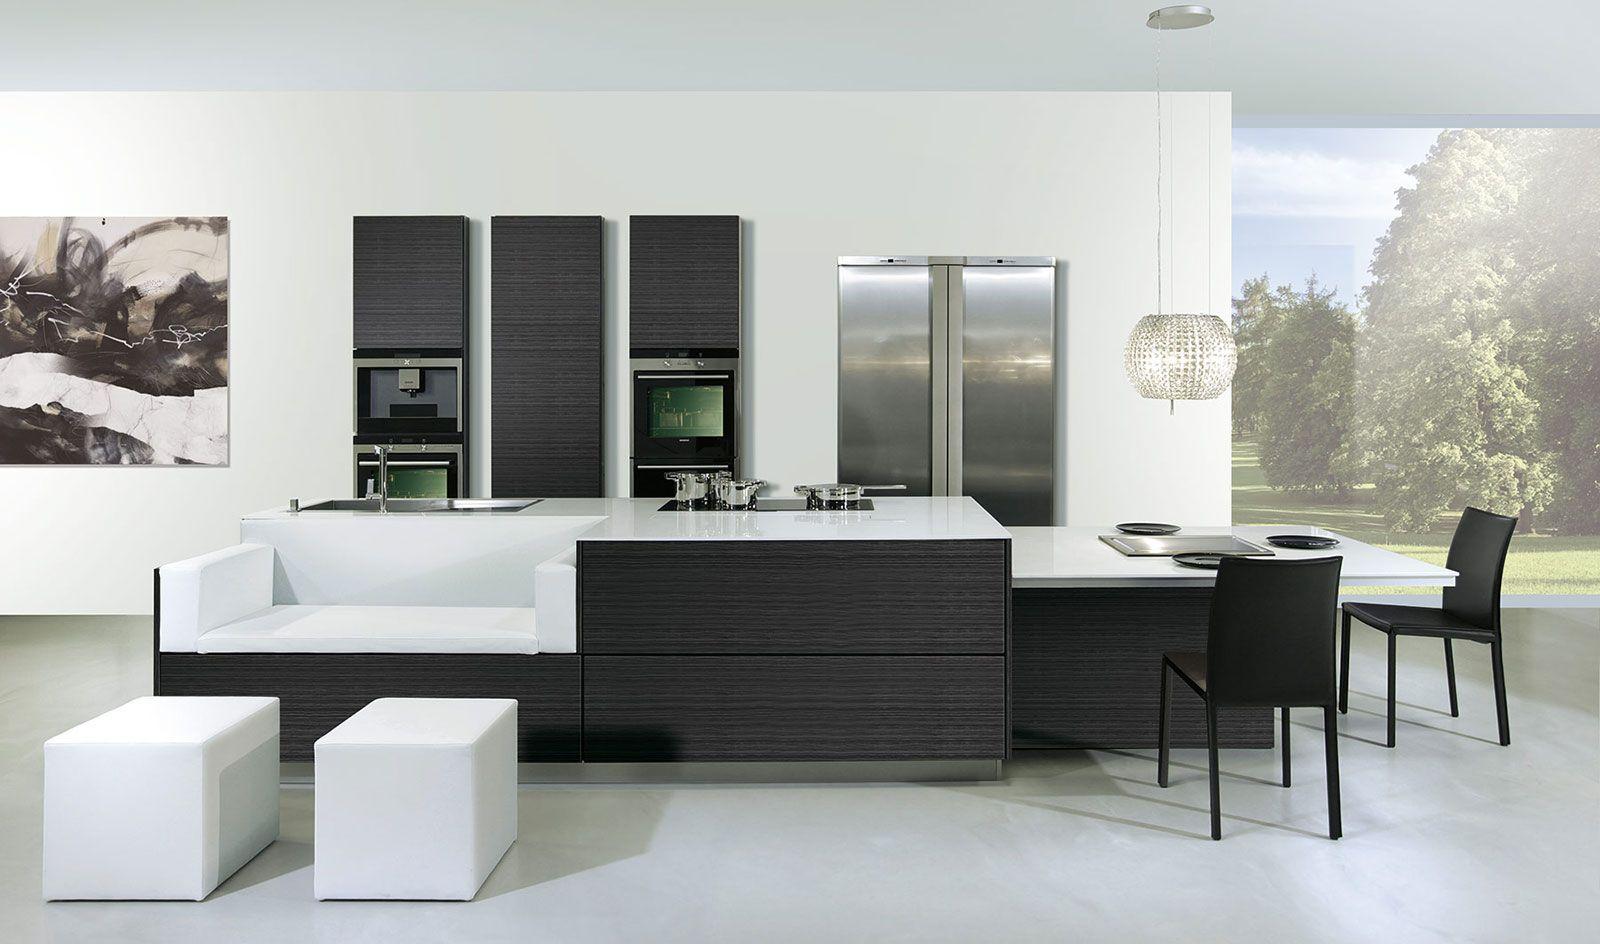 Cocinas integrales minimalistas con isla buscar con - Cocinas minimalistas ...